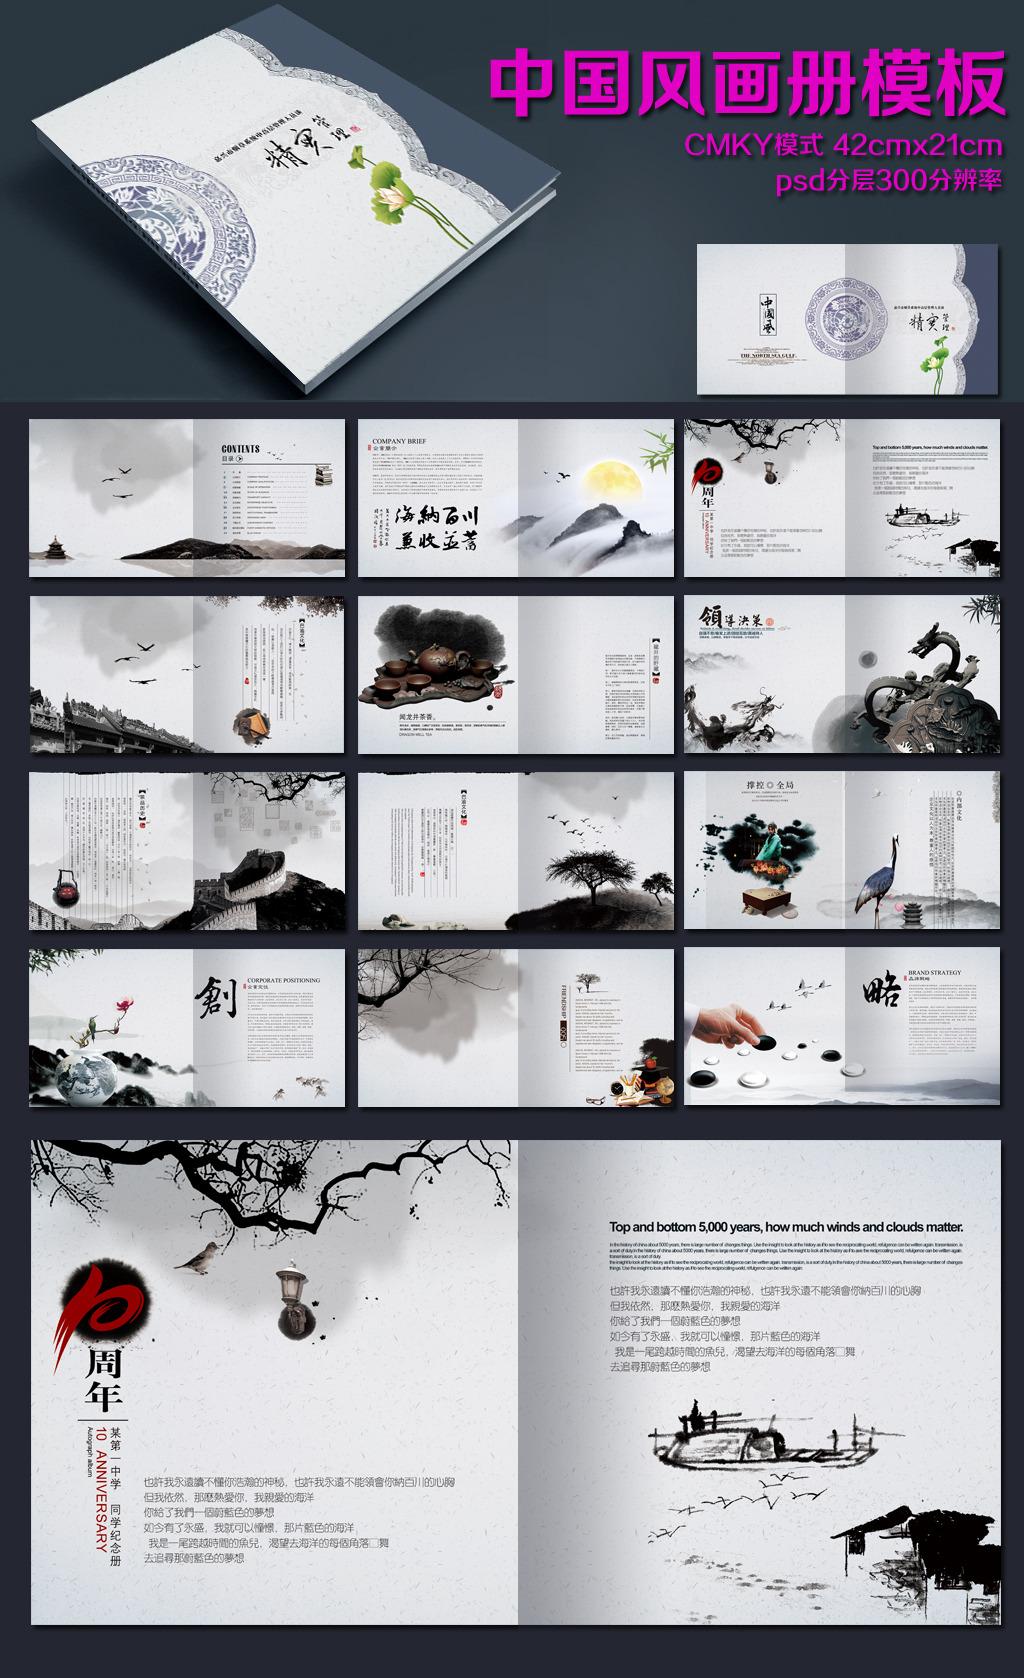 中国风企业宣传册产品手册psd模板